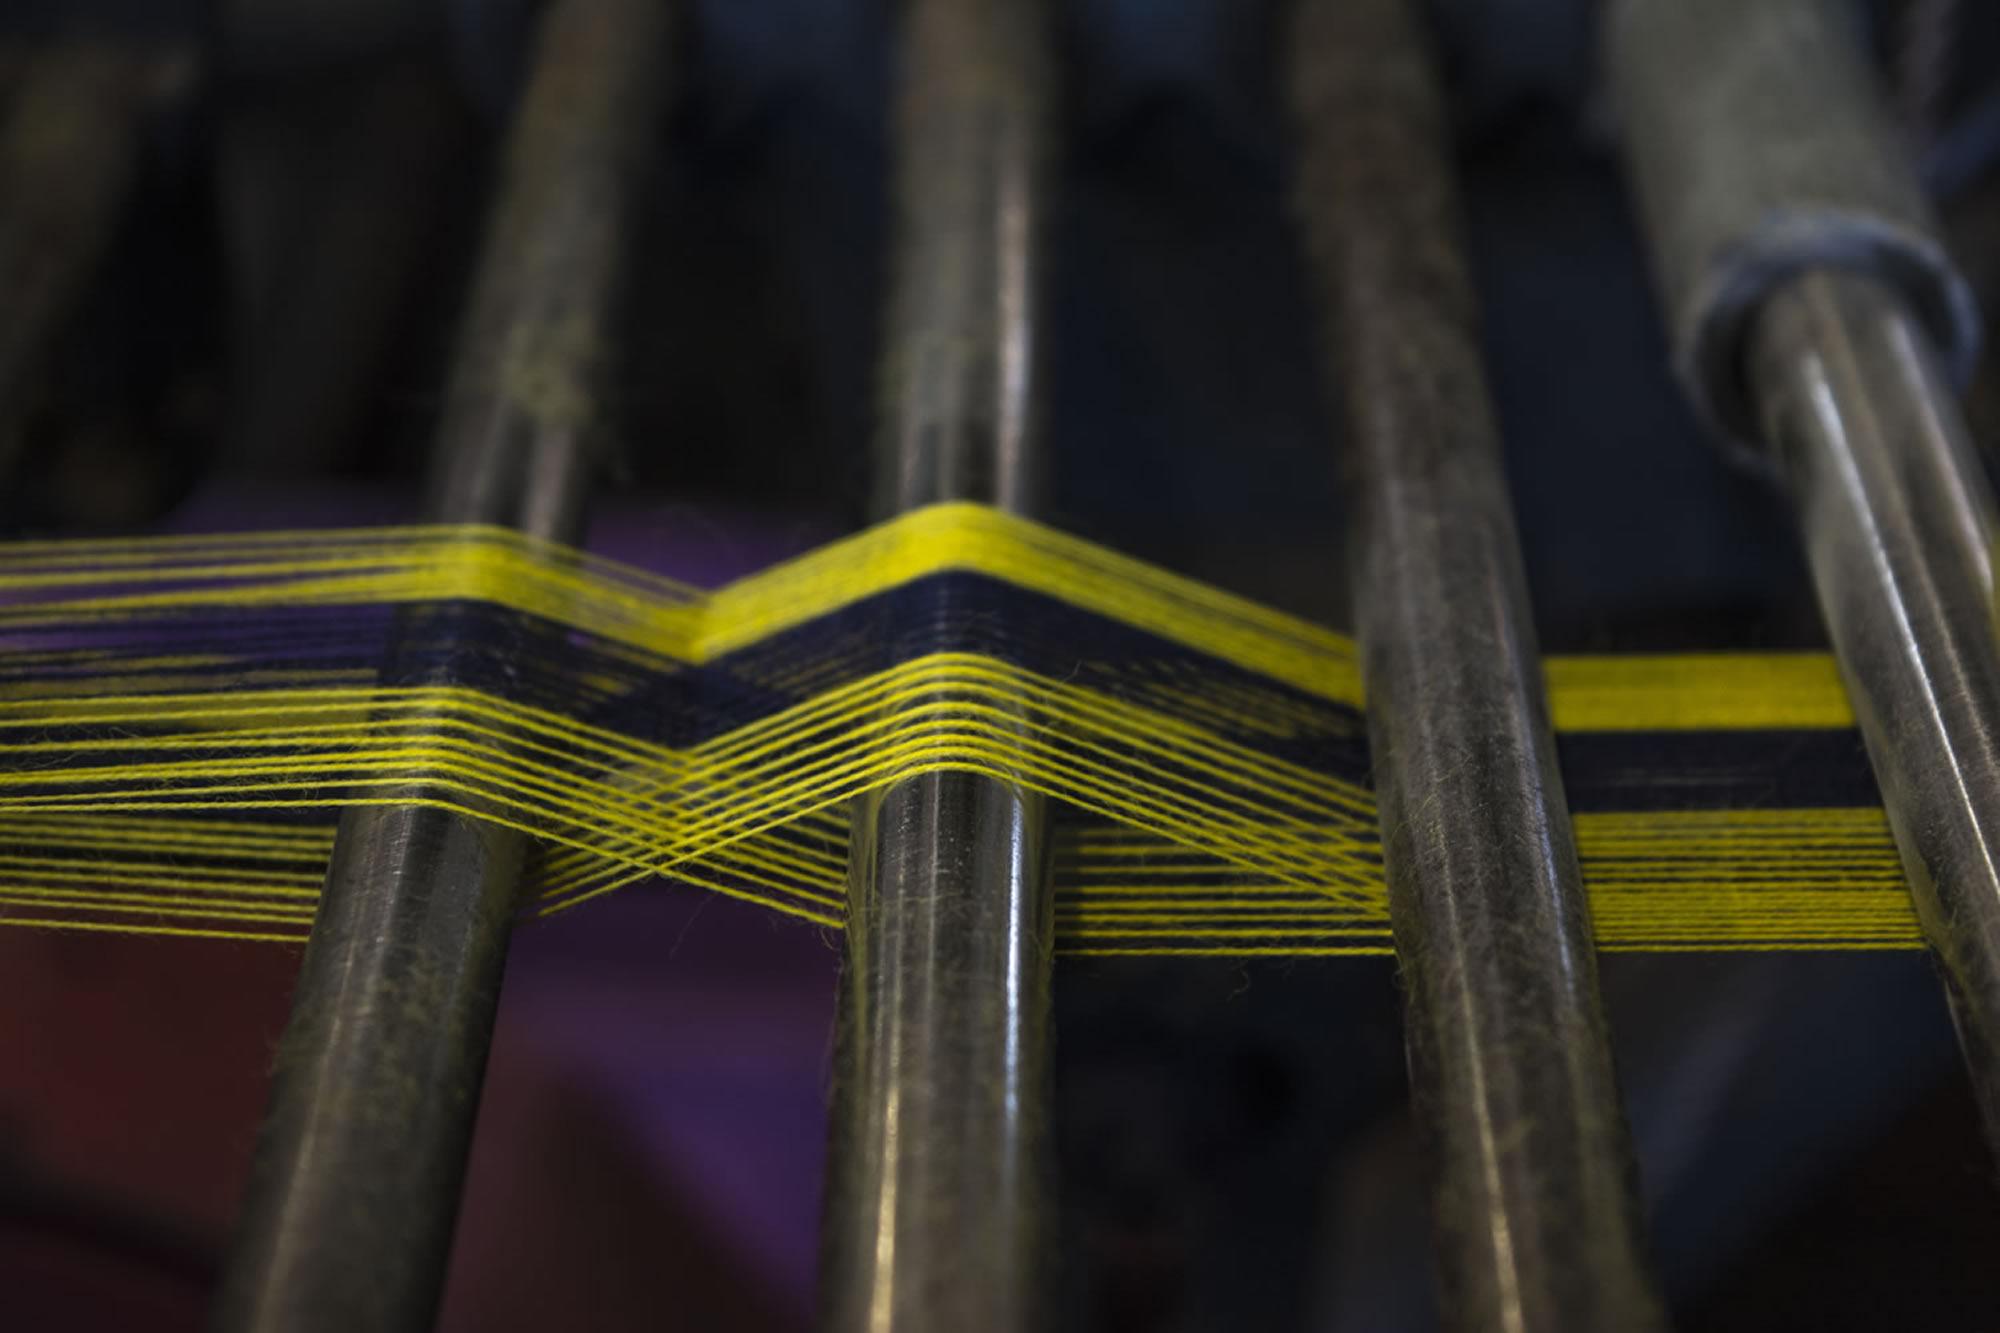 Medal Ribbon Warps